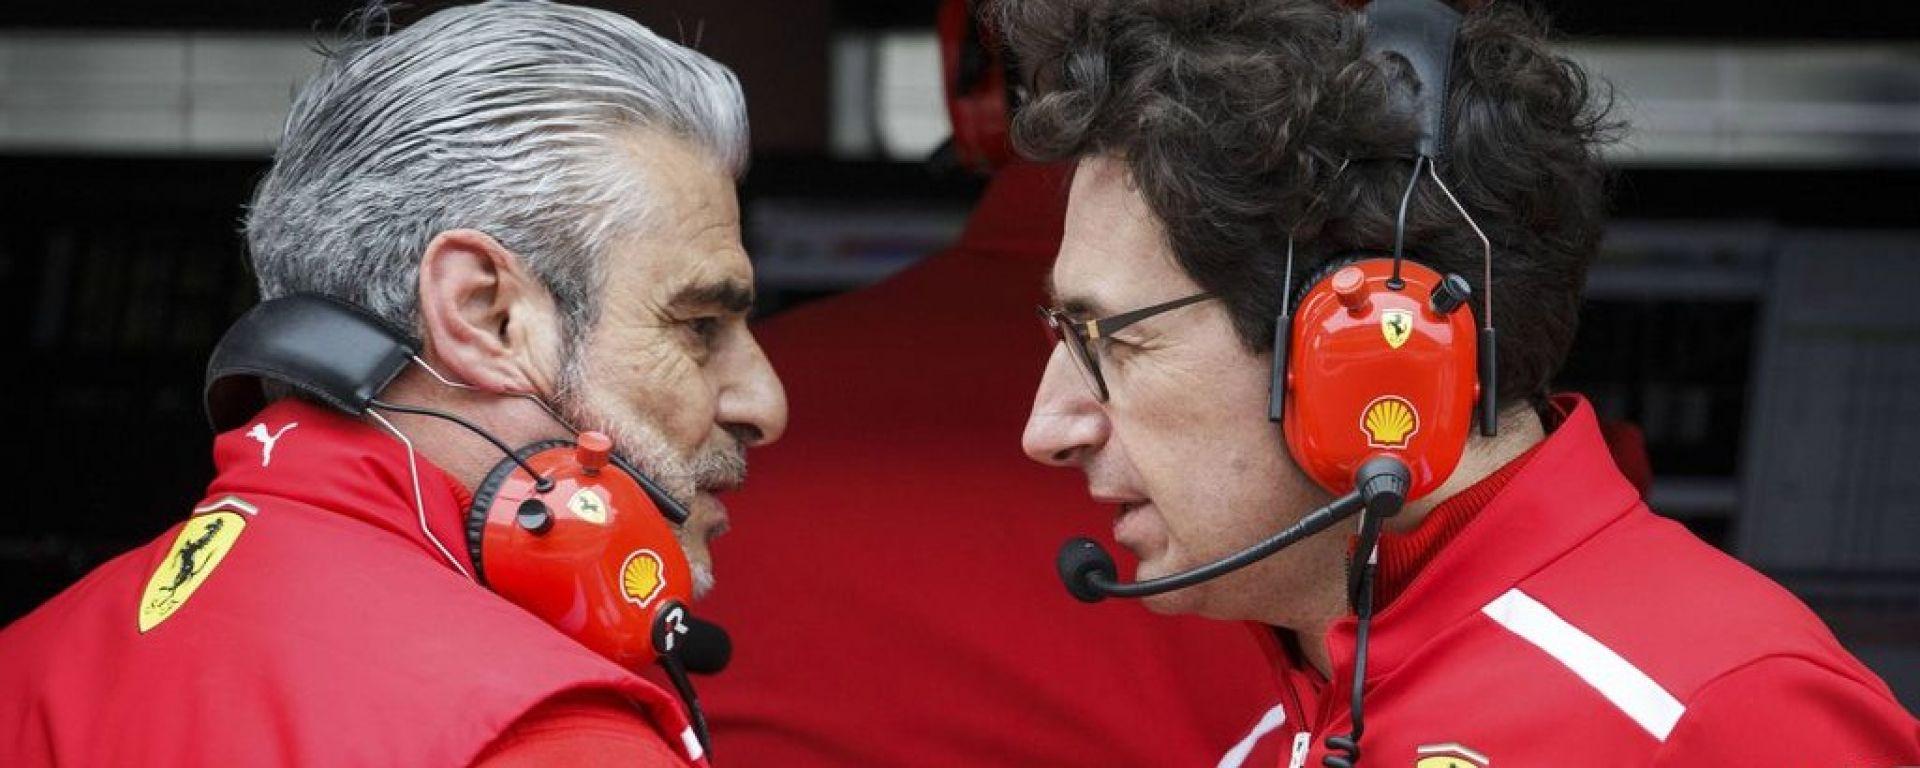 Clamoroso in Ferrari: Binotto team principal! Via Arrivabene